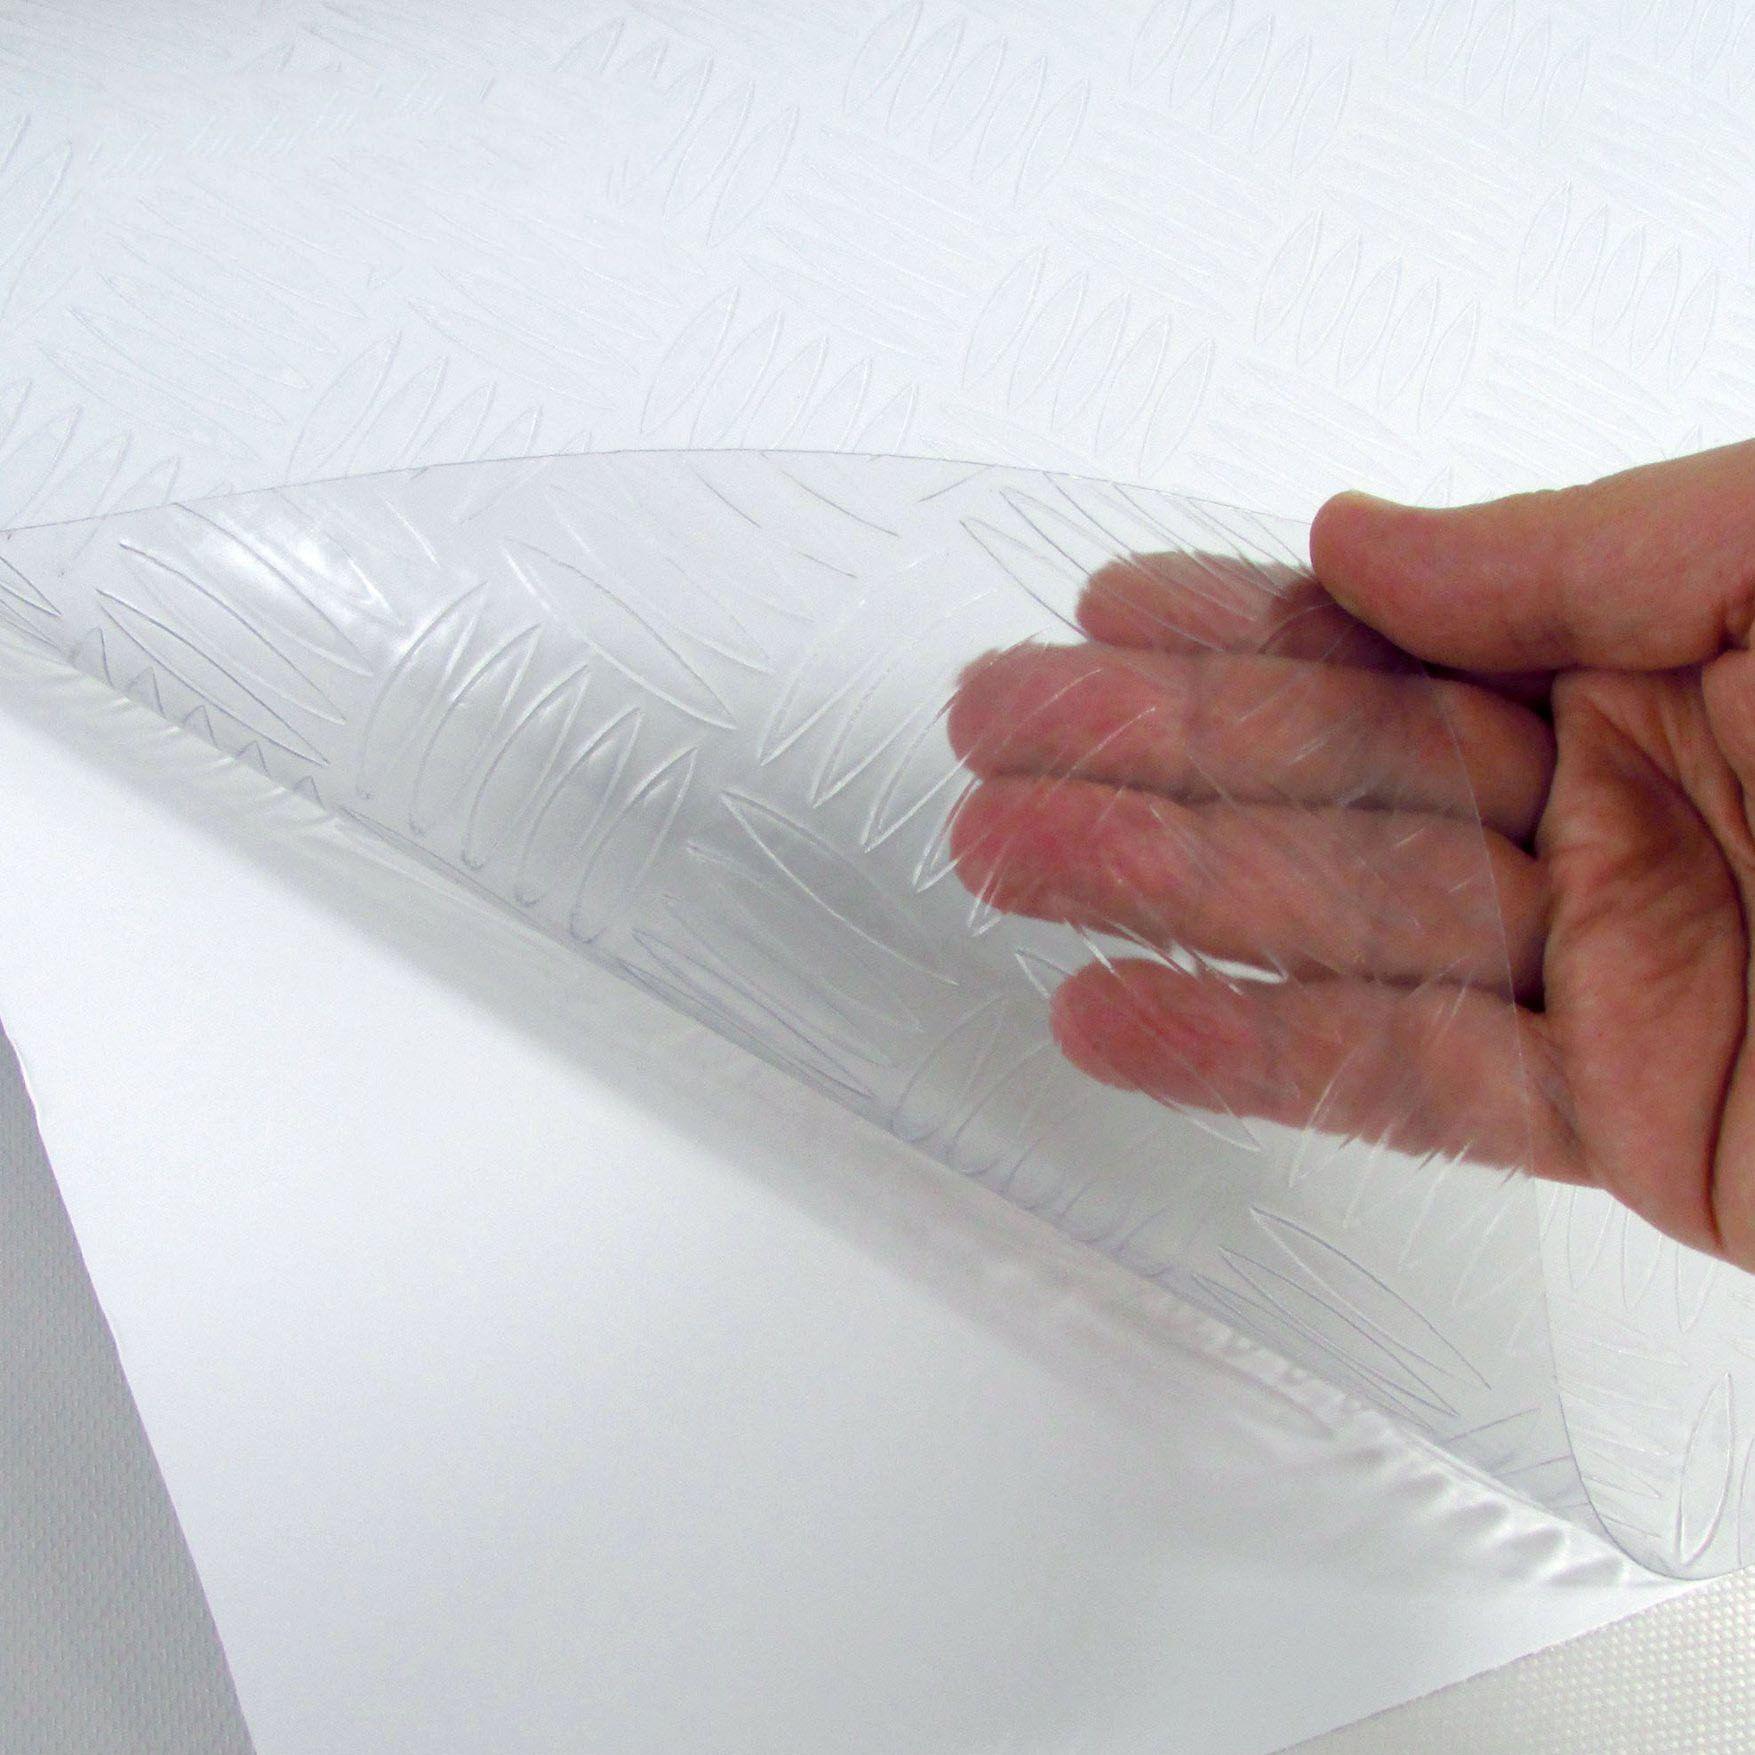 Adesivo Proteção Pisotak Cristal Bus 1,22m x 1,00m